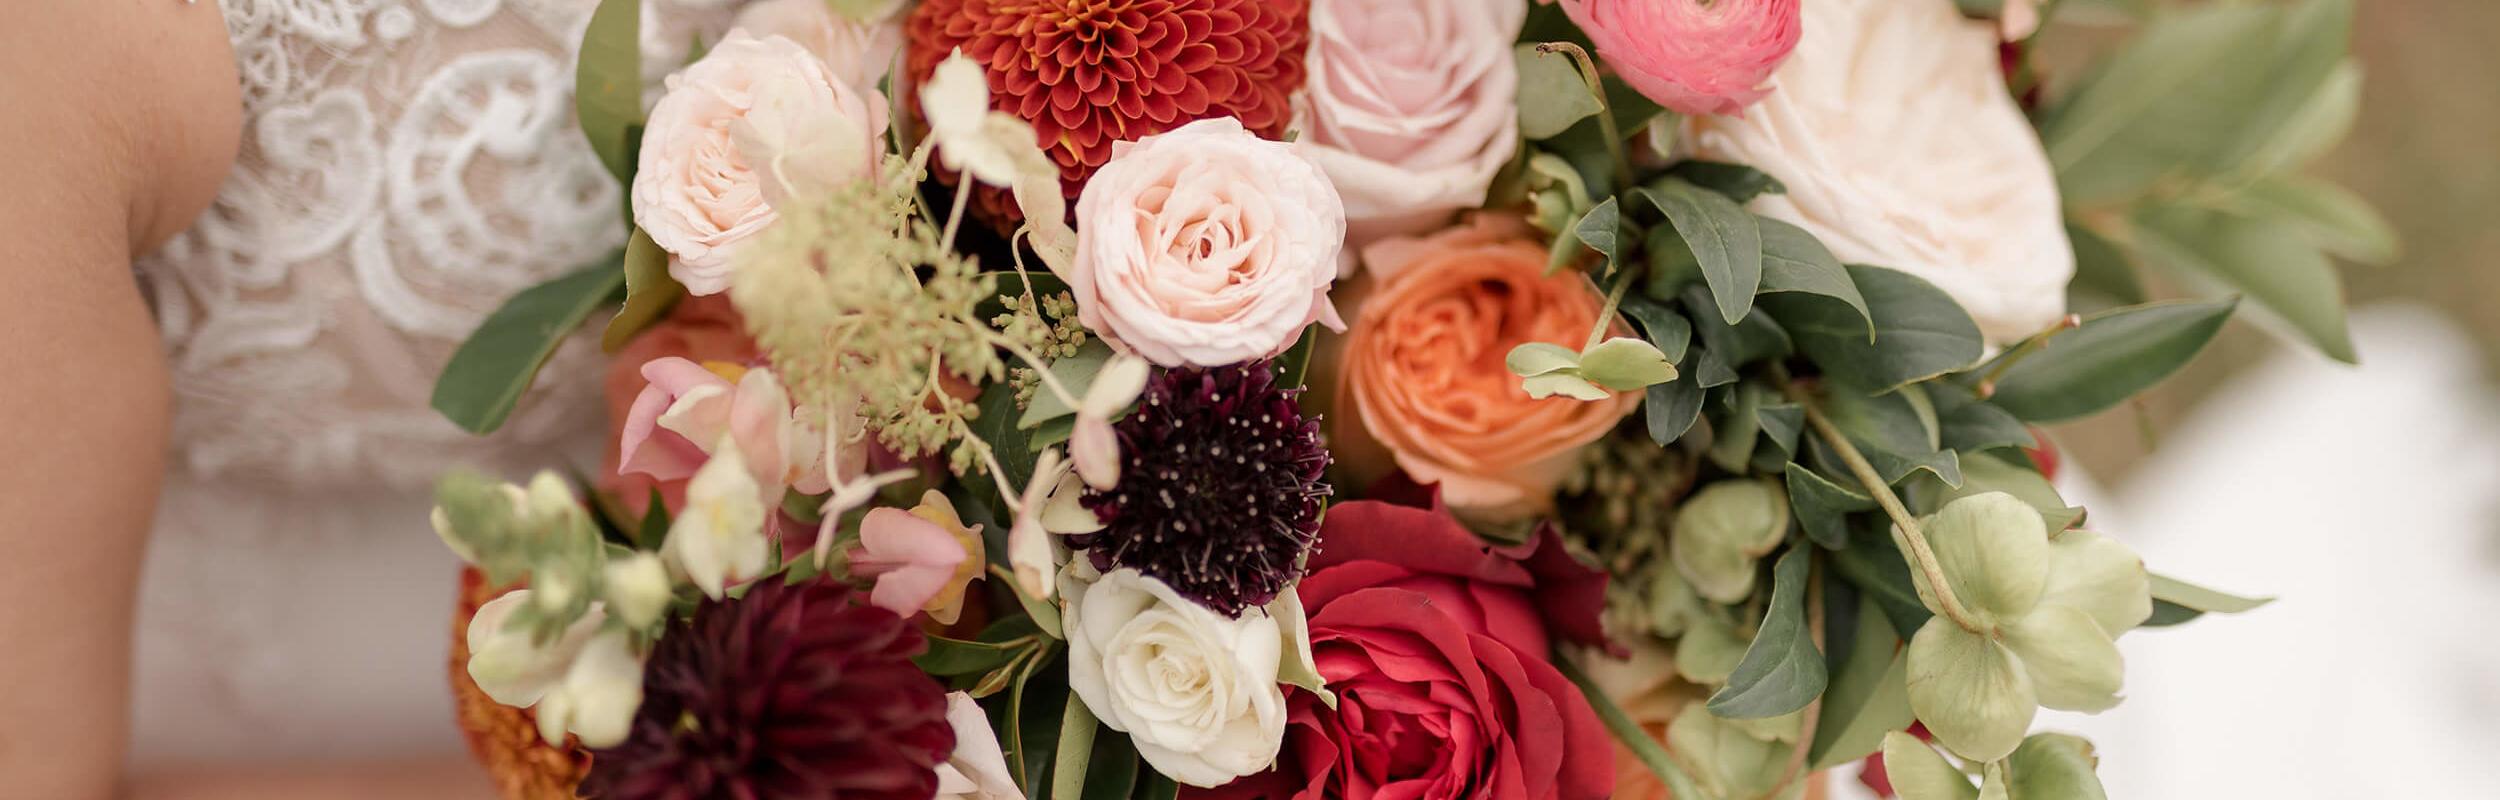 Maryland Floral Designer